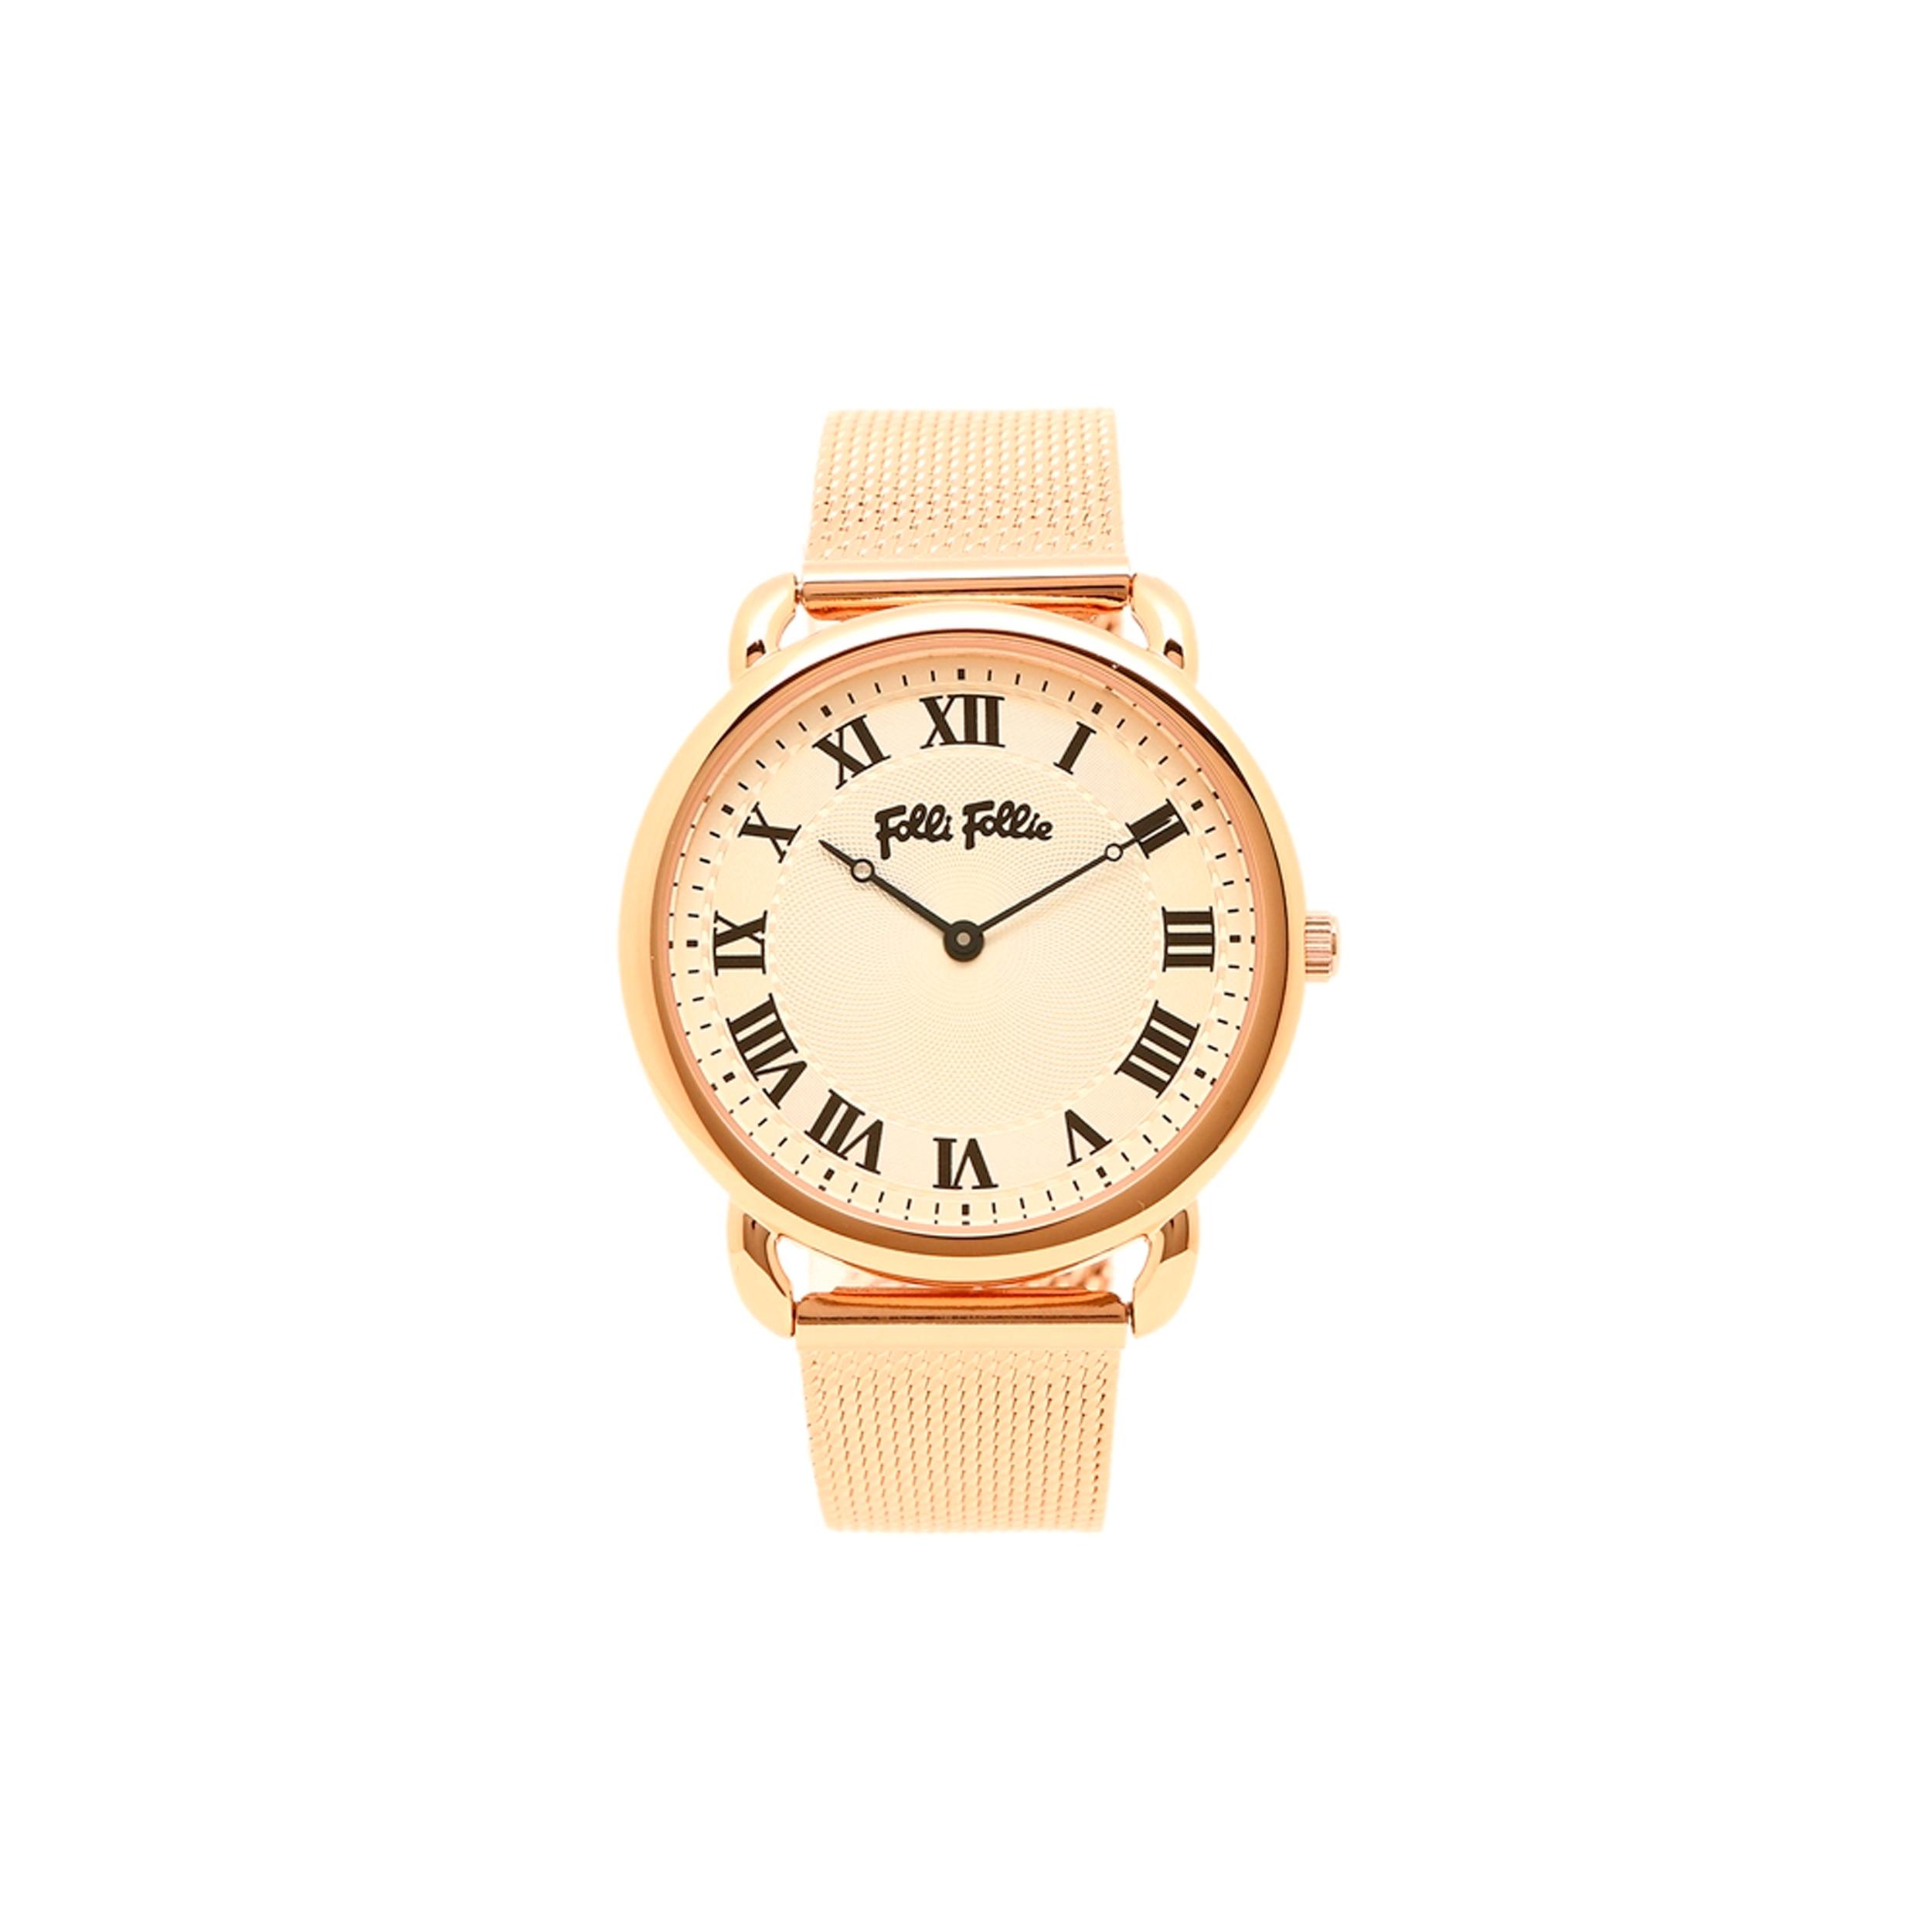 ساعت مچی عقربه ای زنانه فولی فولیه مدل WF16G013BPZ-XX (بدون جعبه اورجینال)              خرید (⭐️⭐️⭐️)